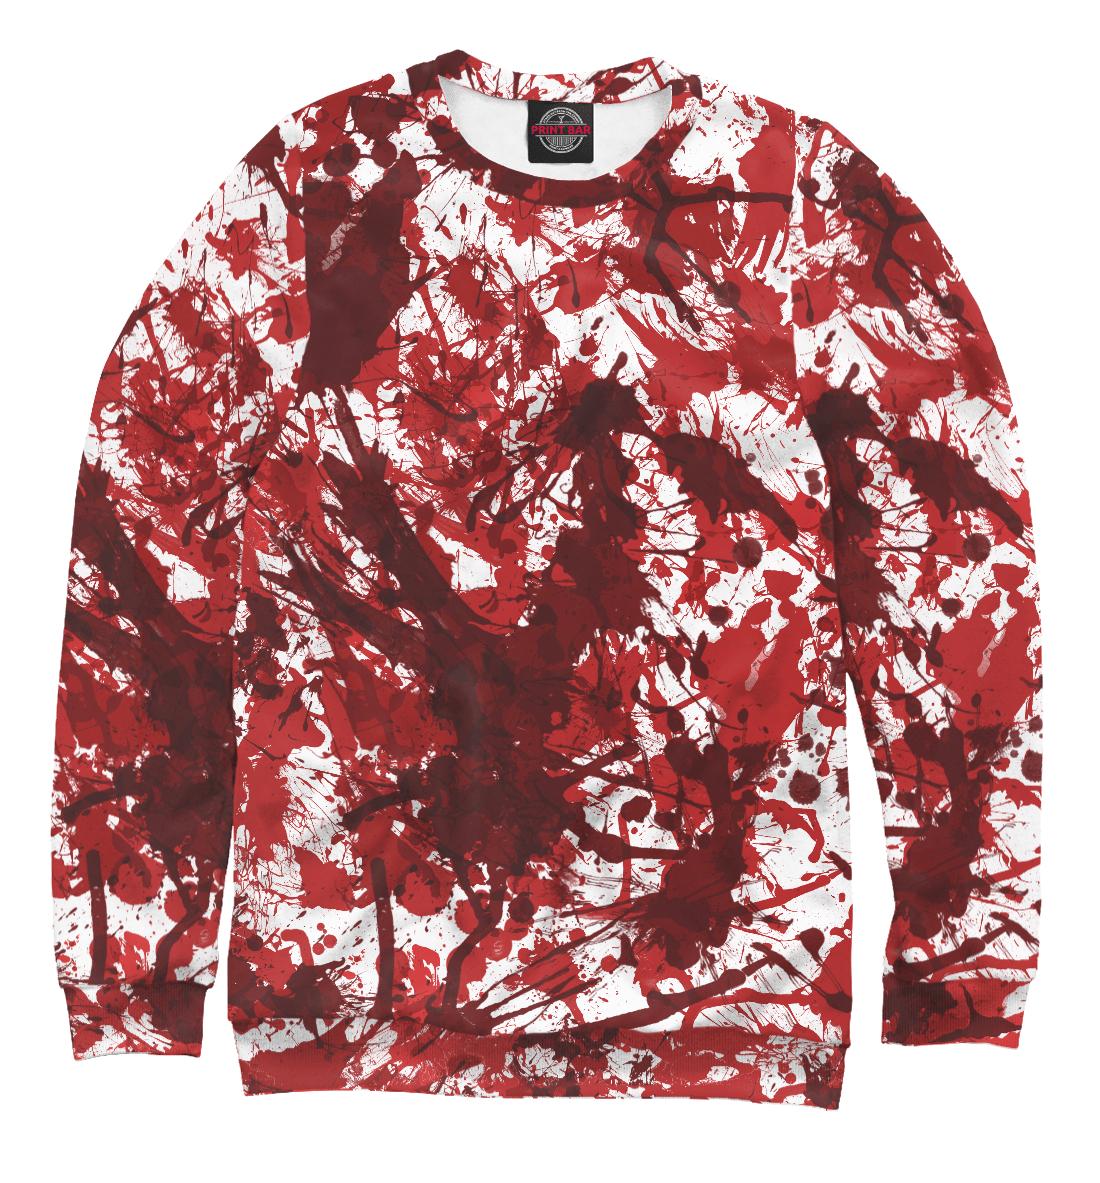 Blood wear